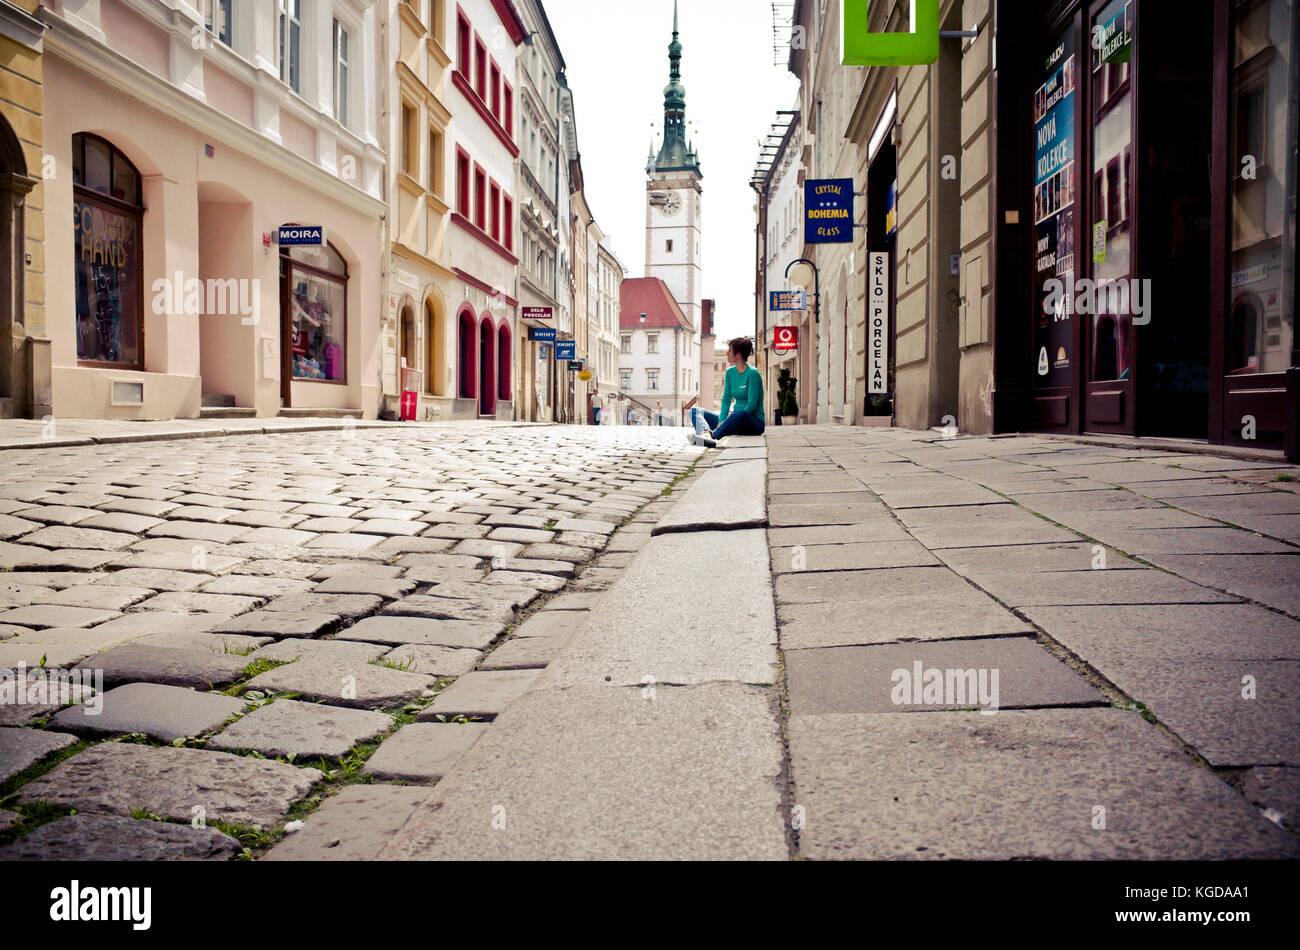 Femme assise seule sur le trottoir dans une rue d'Olomouc, avec l'hôtel de ville en arrière-plan Photo Stock